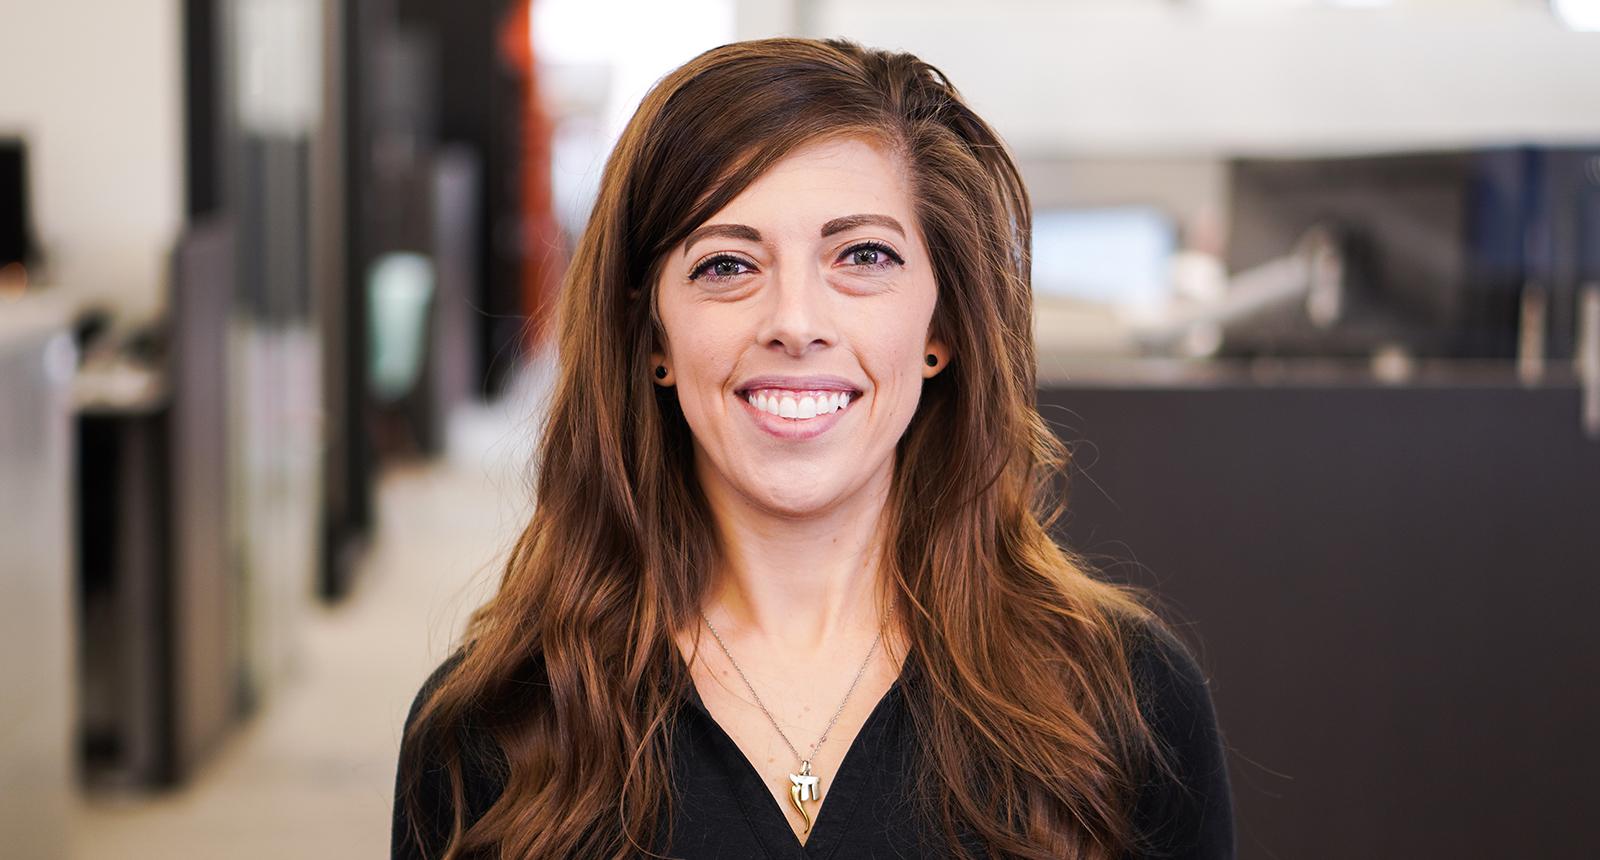 Chelsea Robustelli